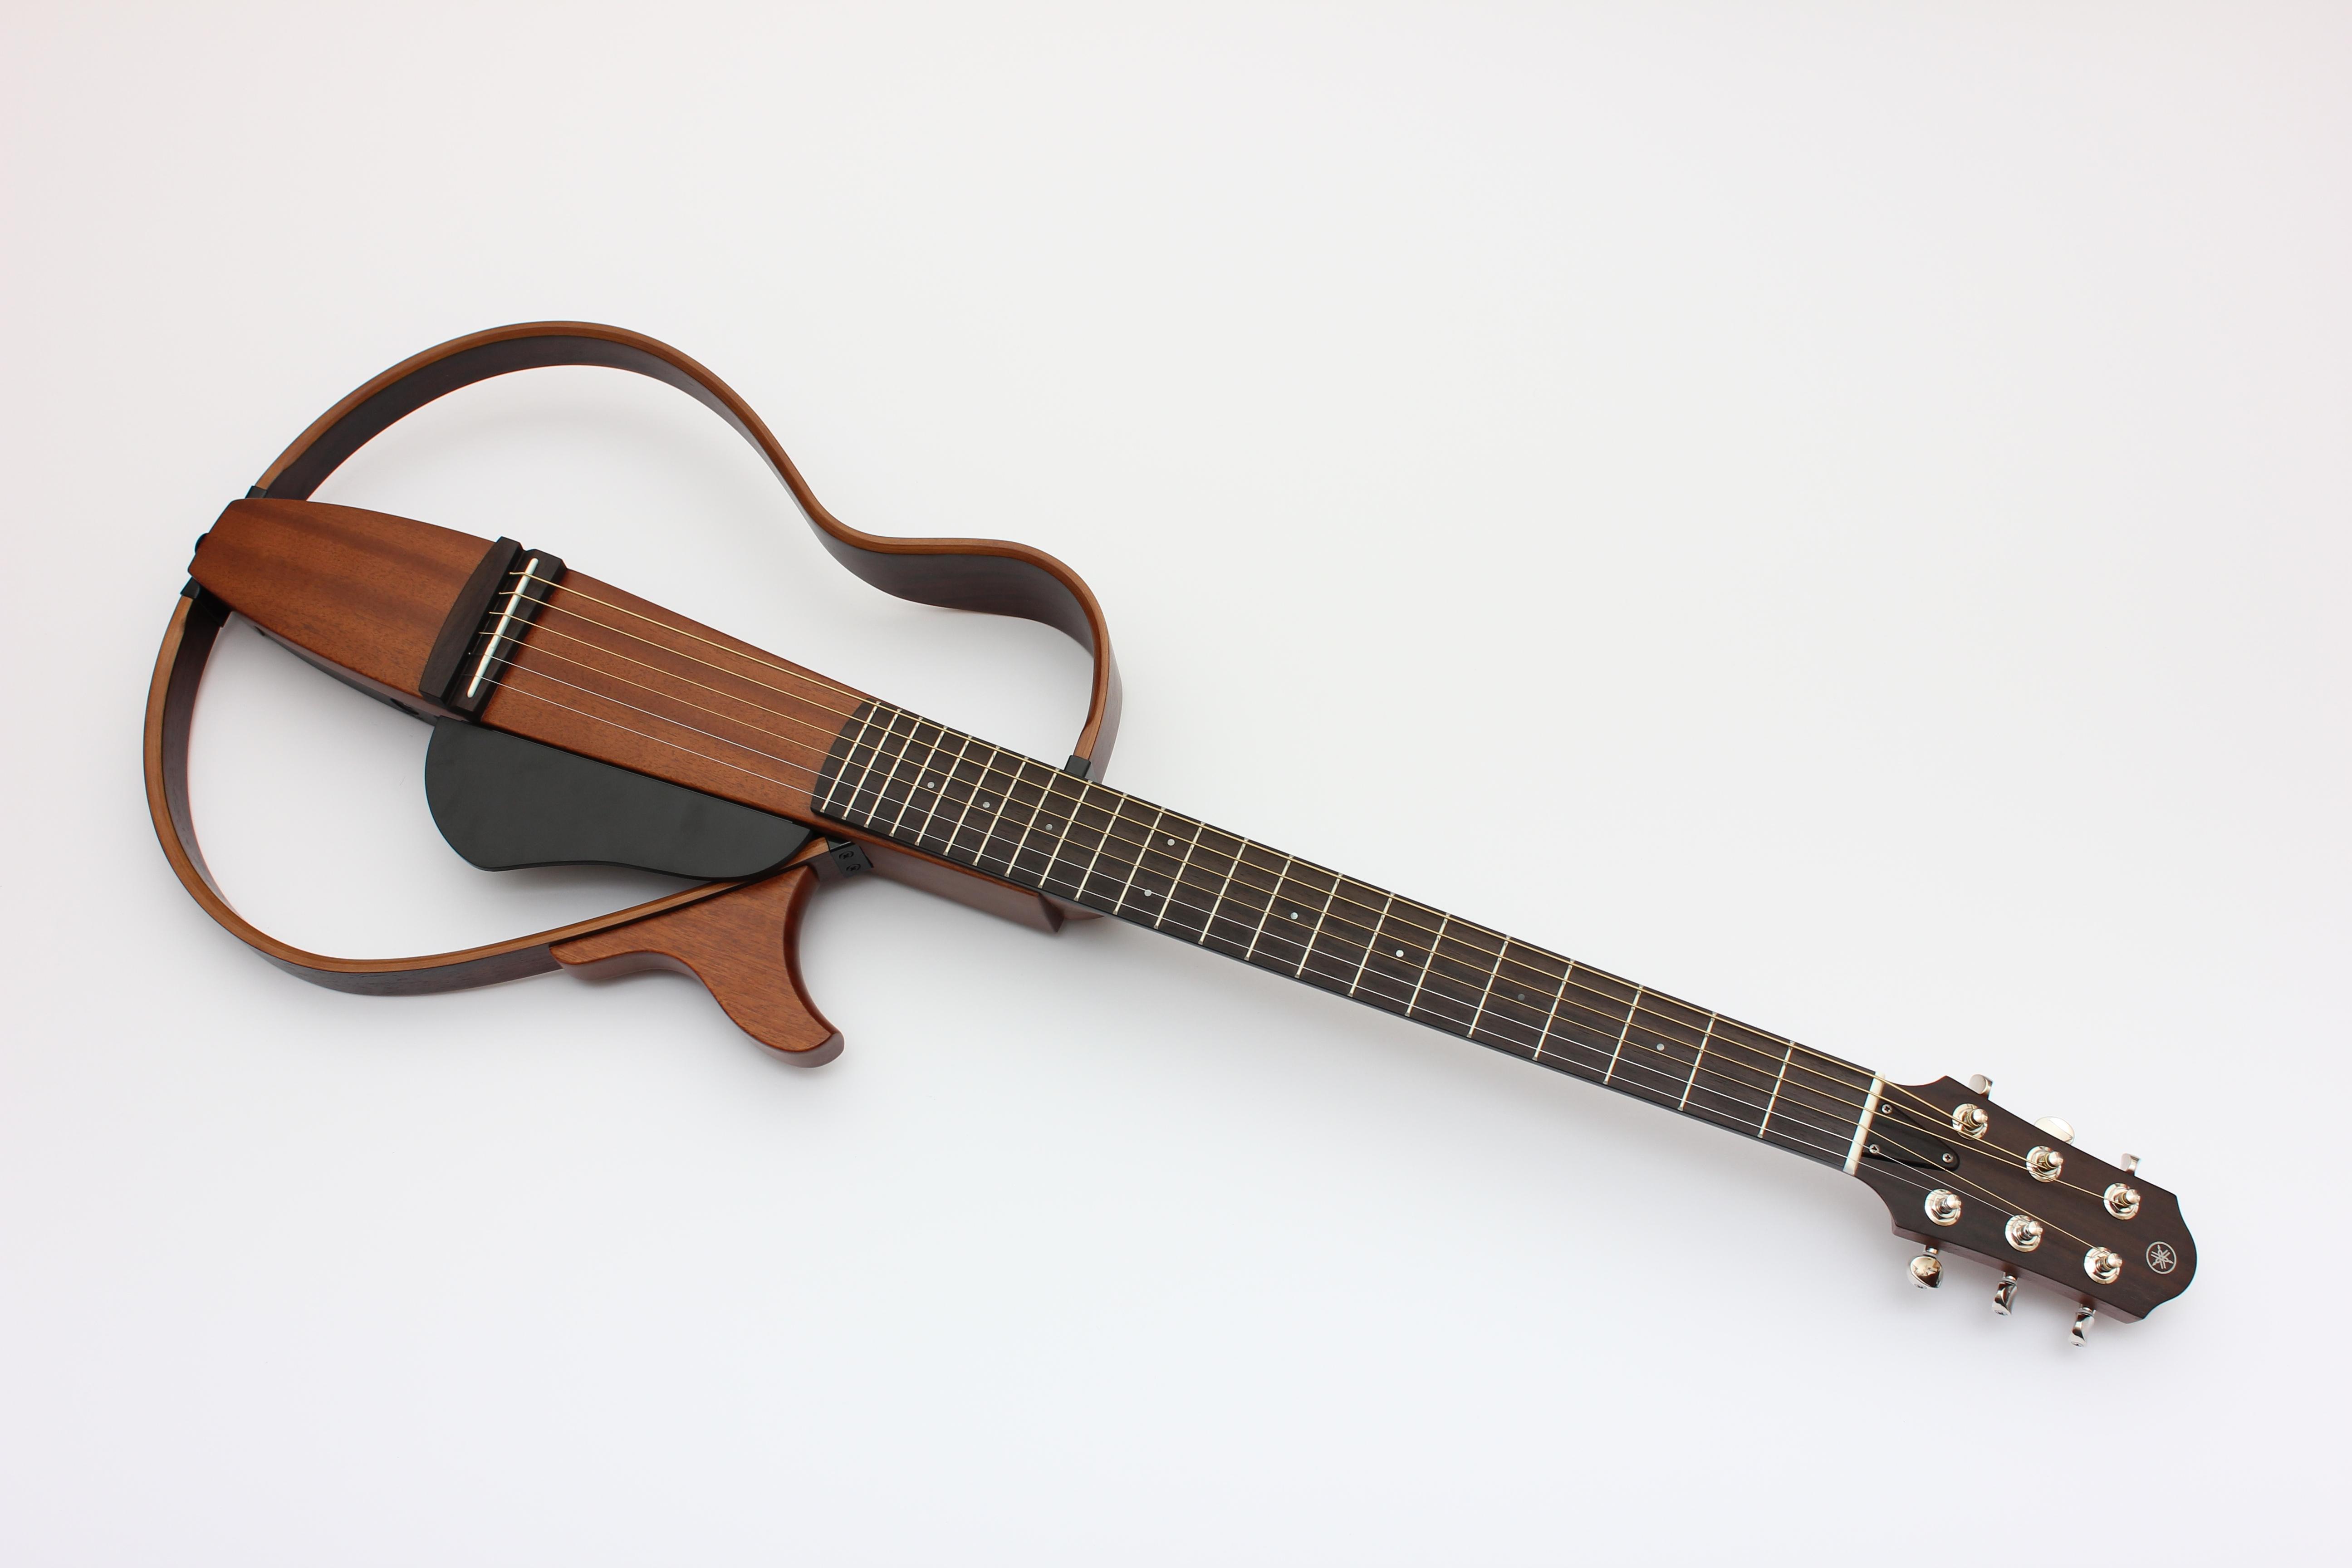 yamaha silent guitar steel string guitars united. Black Bedroom Furniture Sets. Home Design Ideas